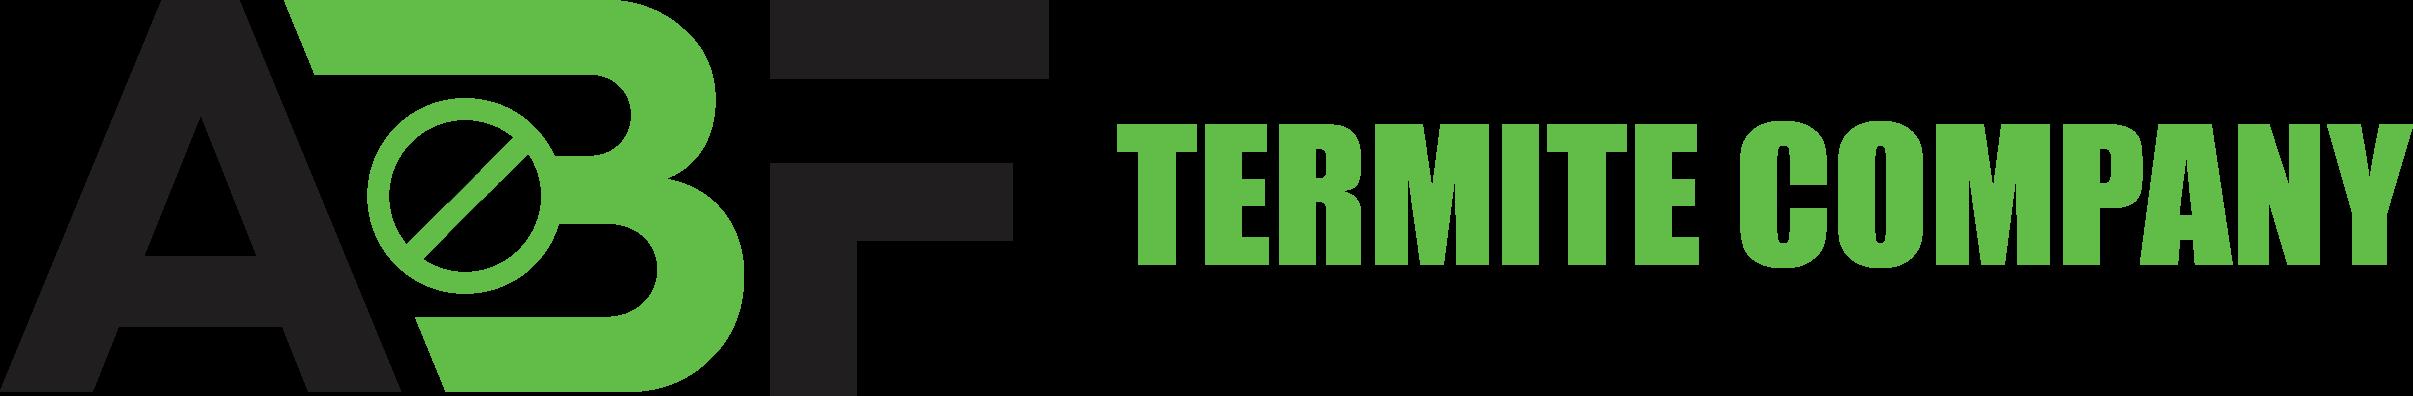 ABF Termite Company